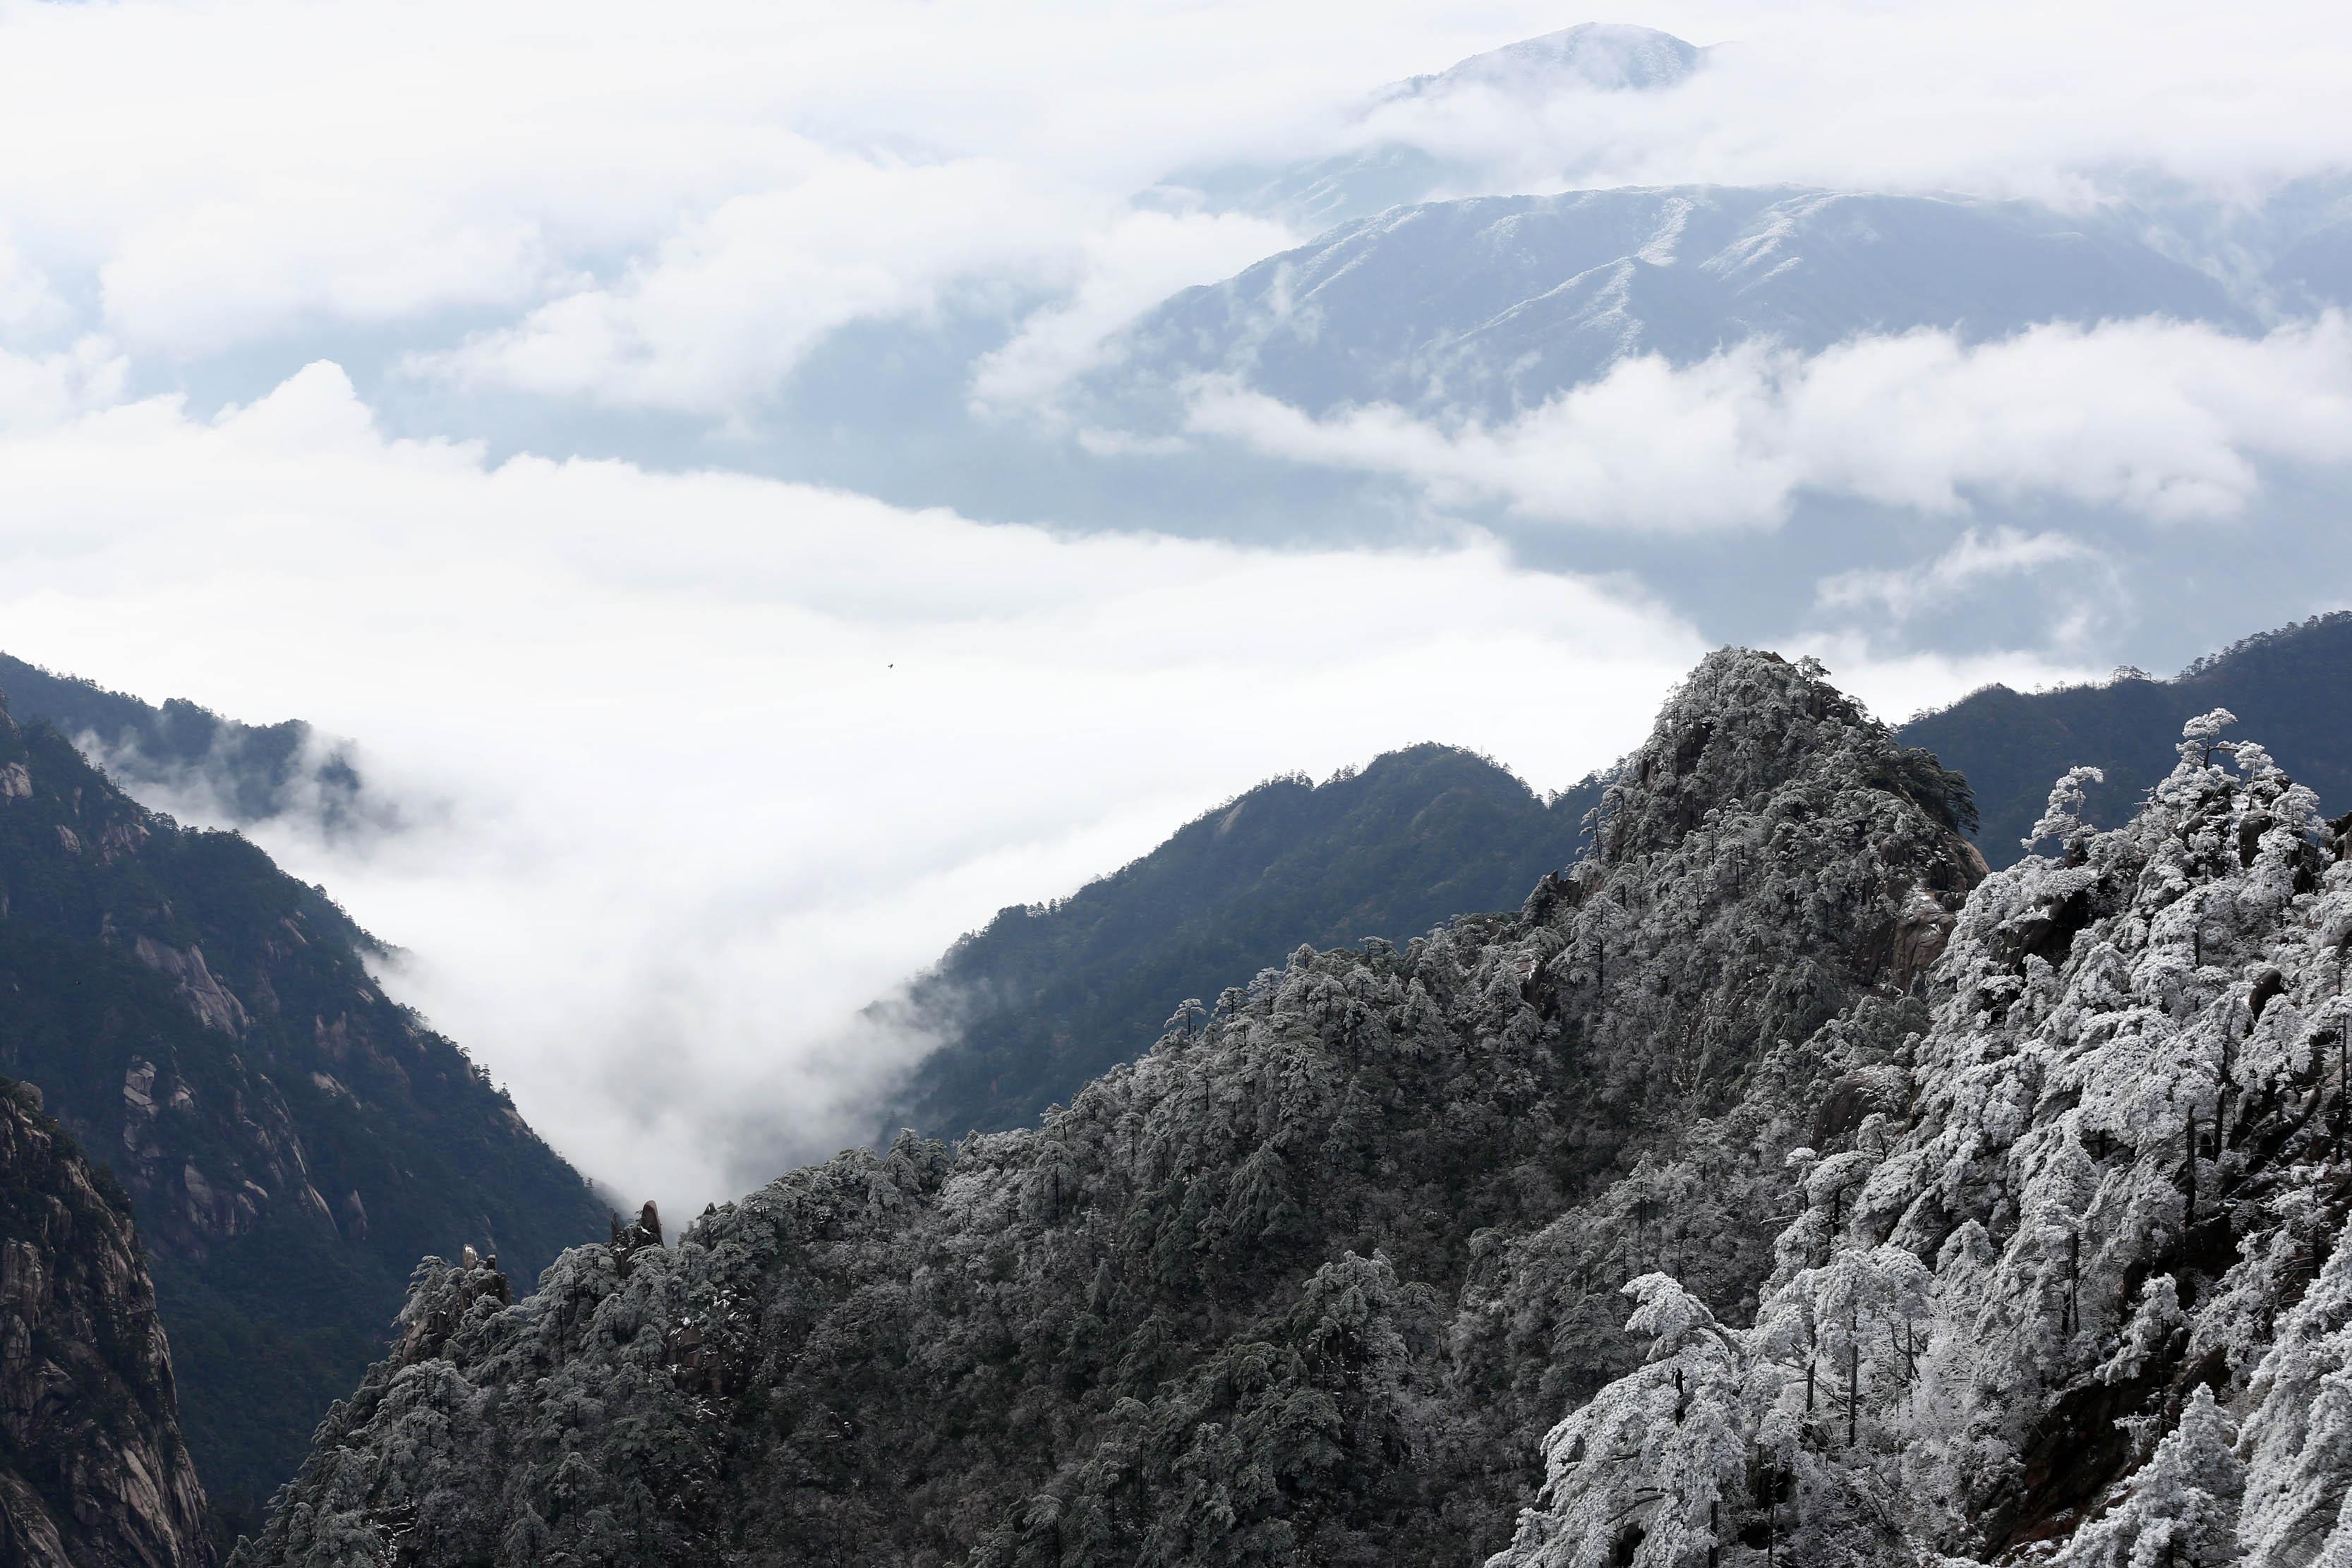 安徽省黄山风景区迎来四月雪